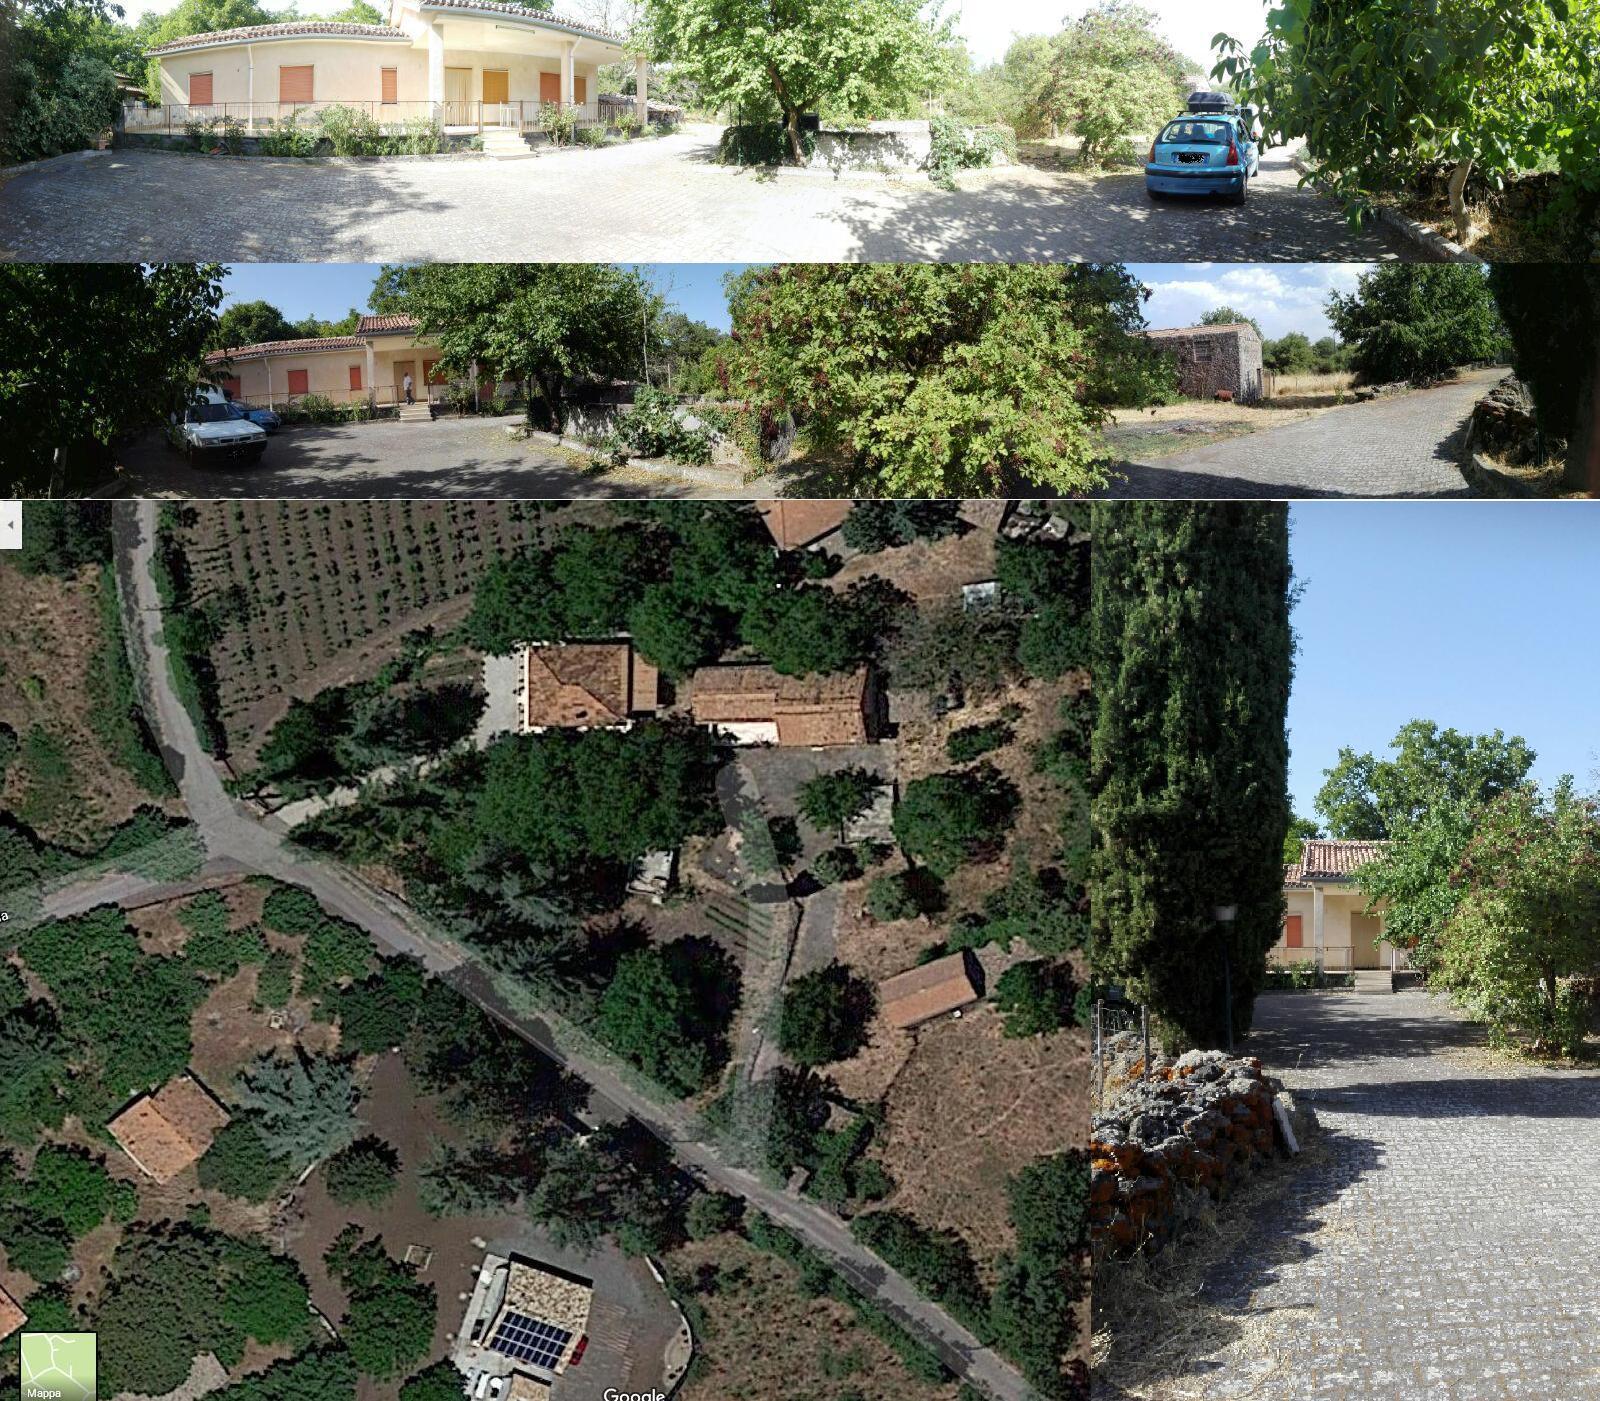 Image Appartamento in Contrada Difesa di Bronte (CT) Zona Parco dell'ETNA e Terreno Coltivabile e Pertinenze 1